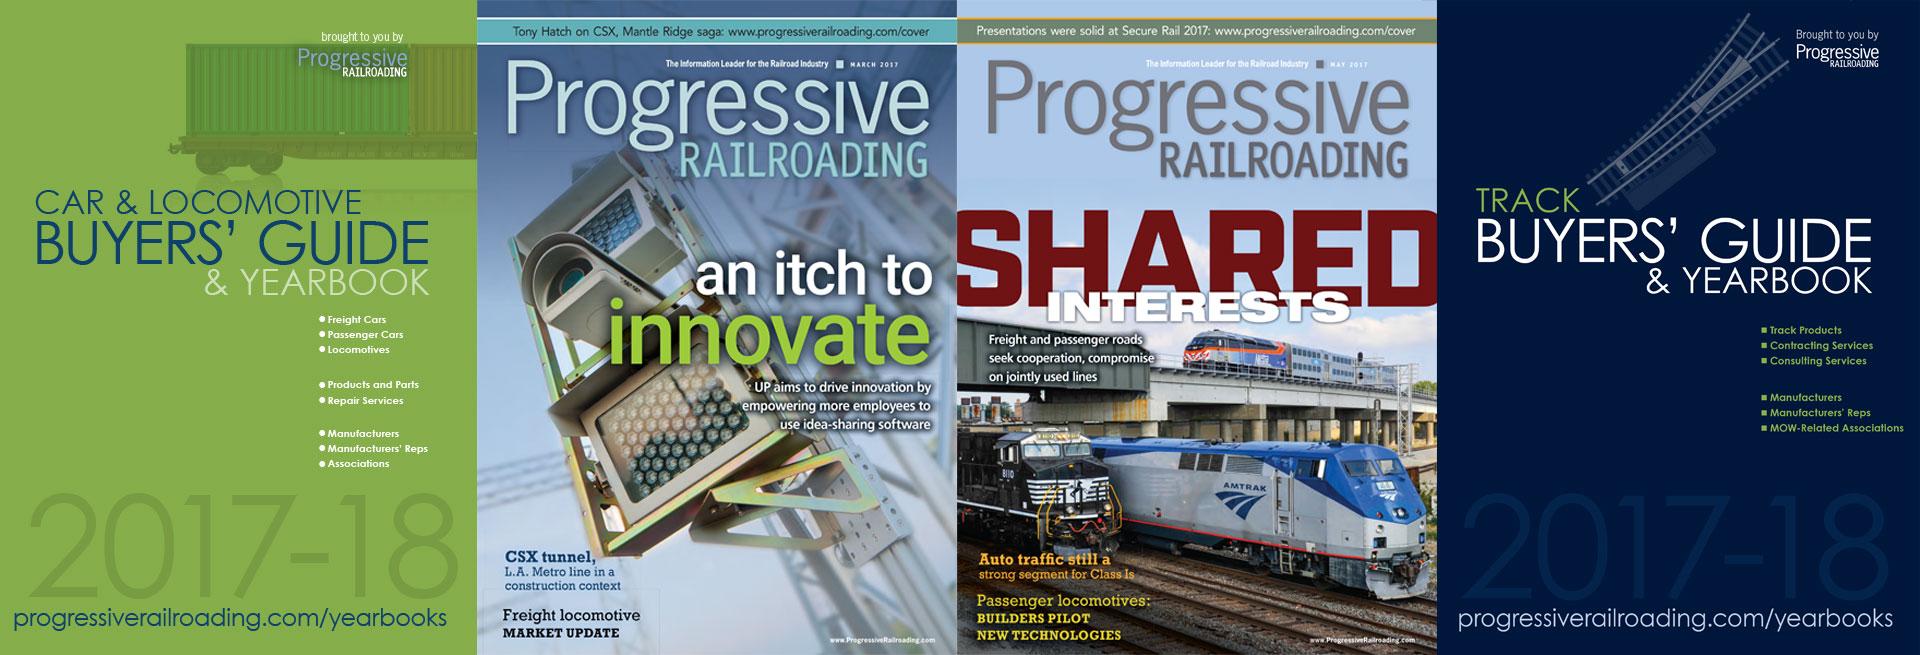 Progressive Railroading Magazine 2018 Media Kit